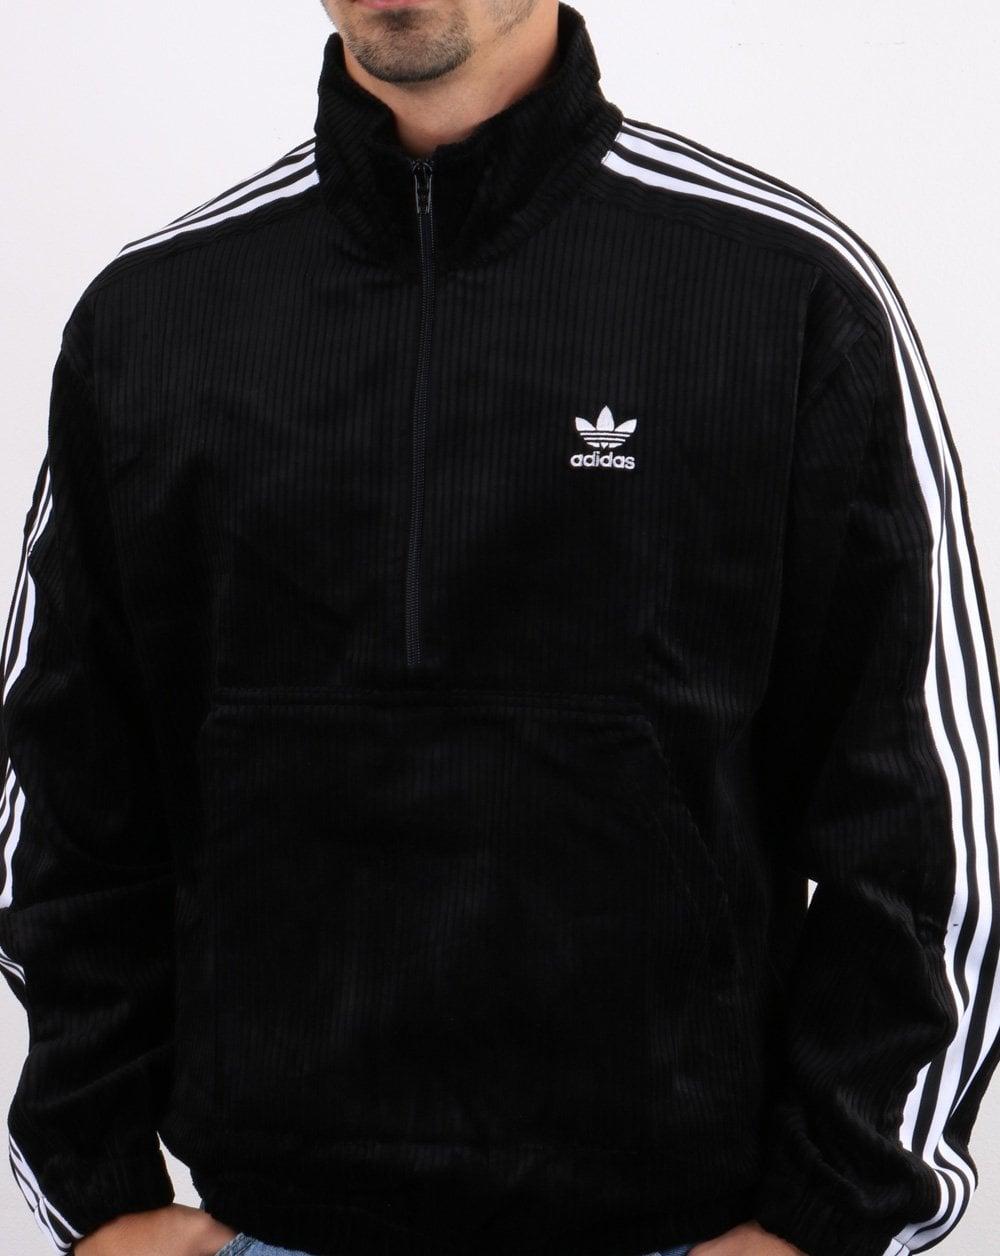 Adidas Originals Cord Half Zip Top Black